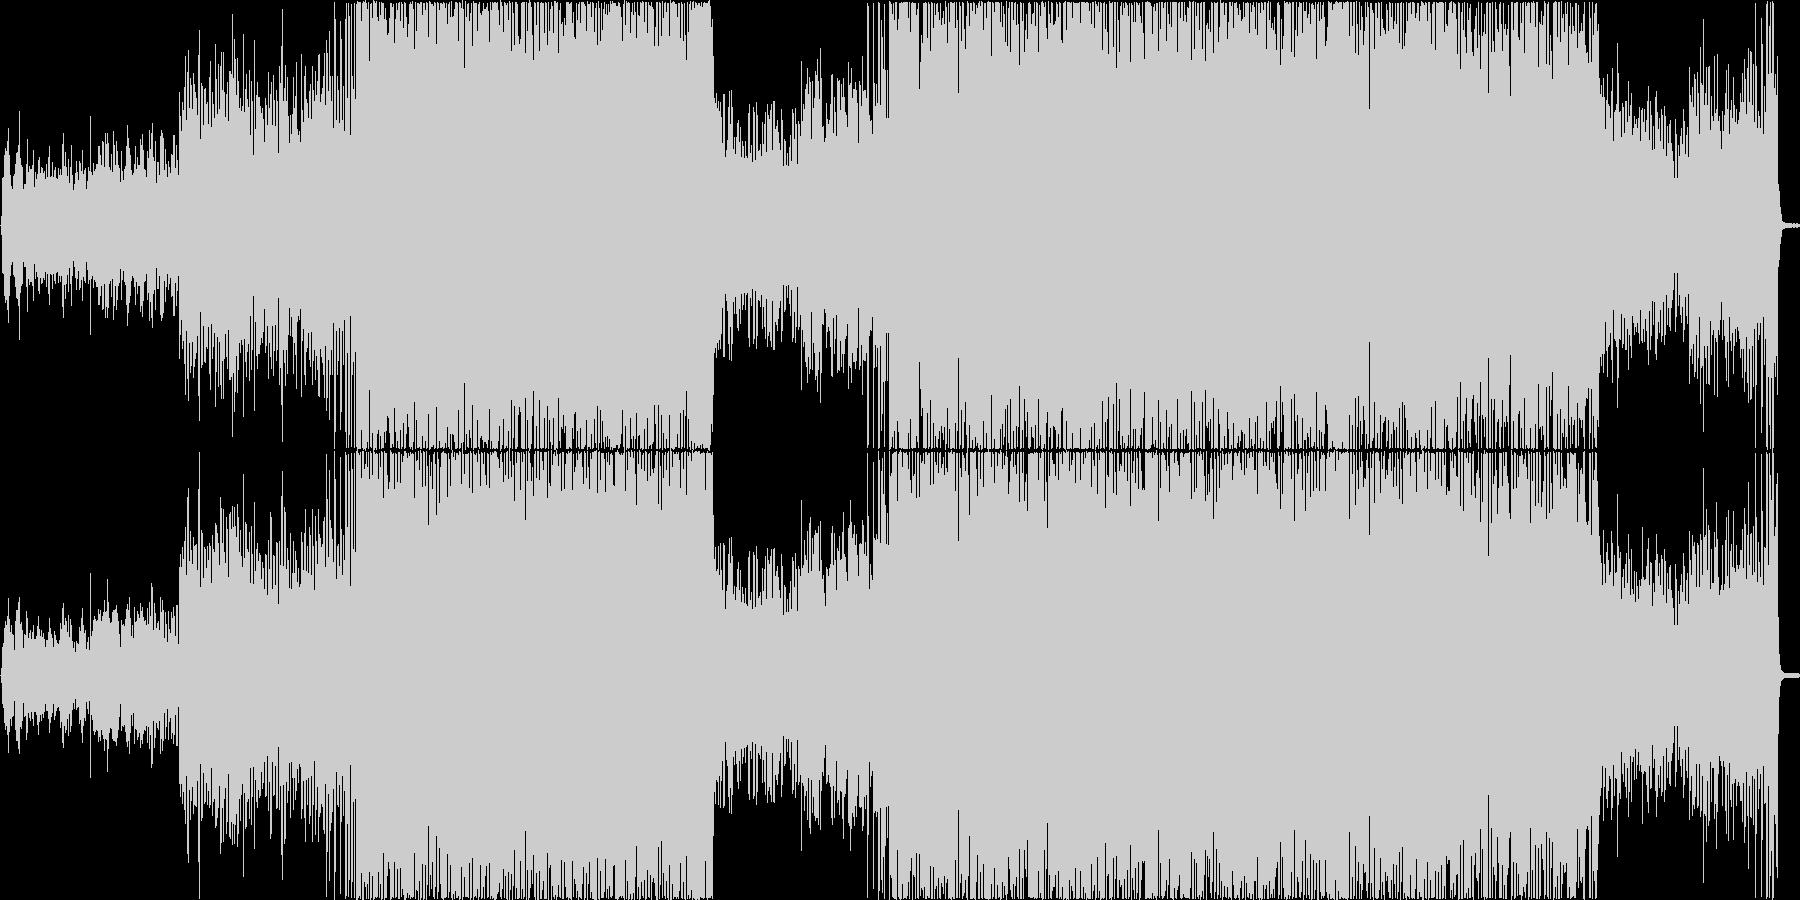 幻想的な曲。の未再生の波形